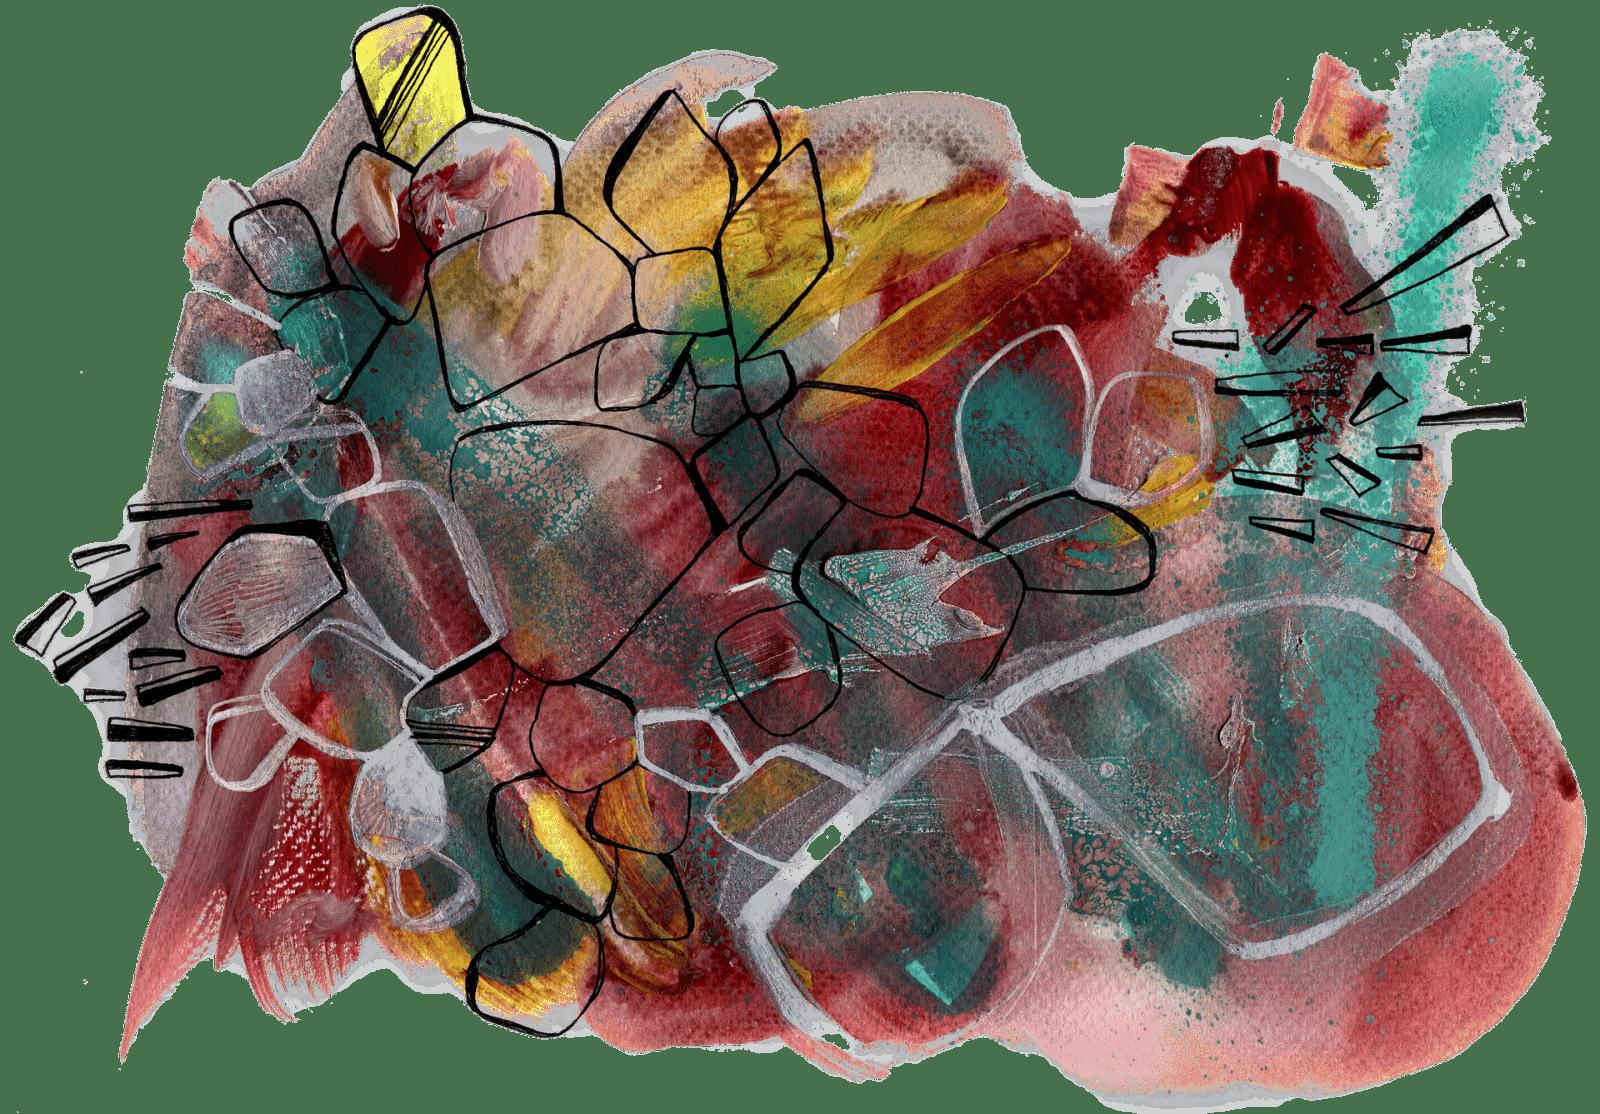 texture 6029368 1920